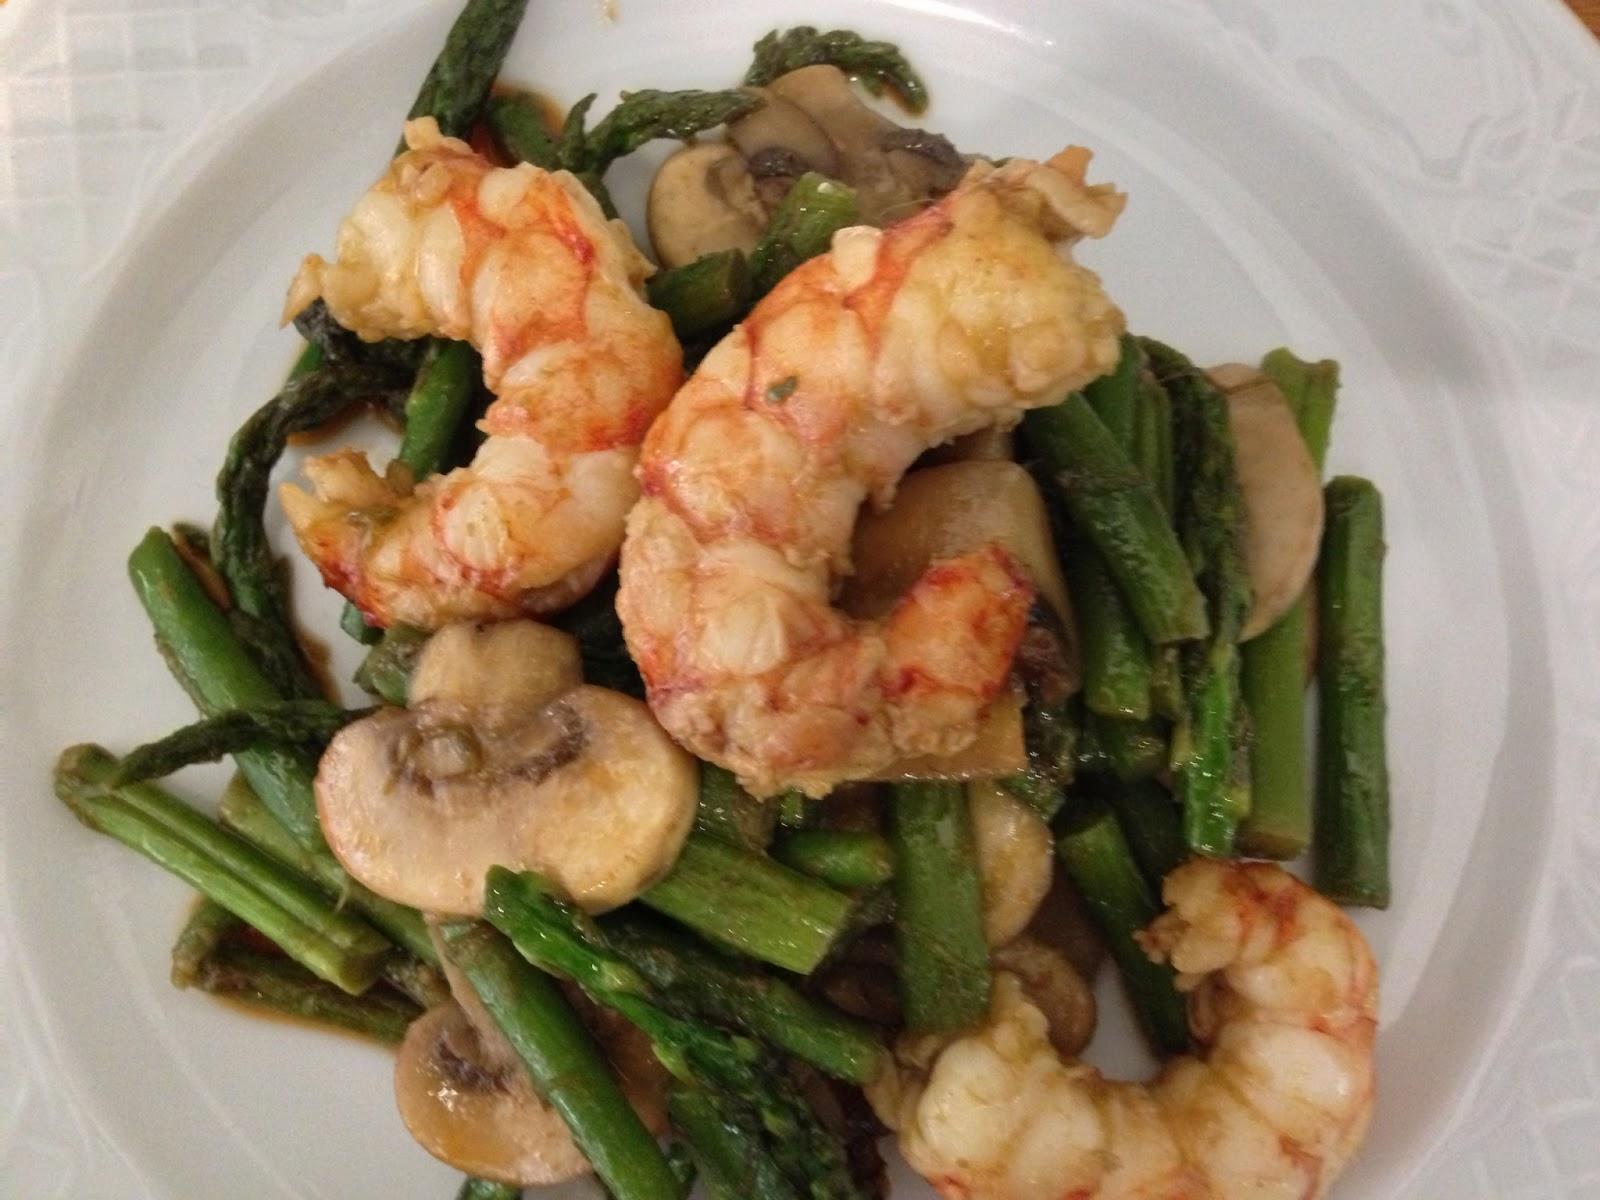 La Utilización Del Wok Permite Cocinar Con Muy Poca Grasa, Además De  Conseguir Que Los Ingredientes Mariden Perfectamente; Concretamente, En  Este Blog, ...